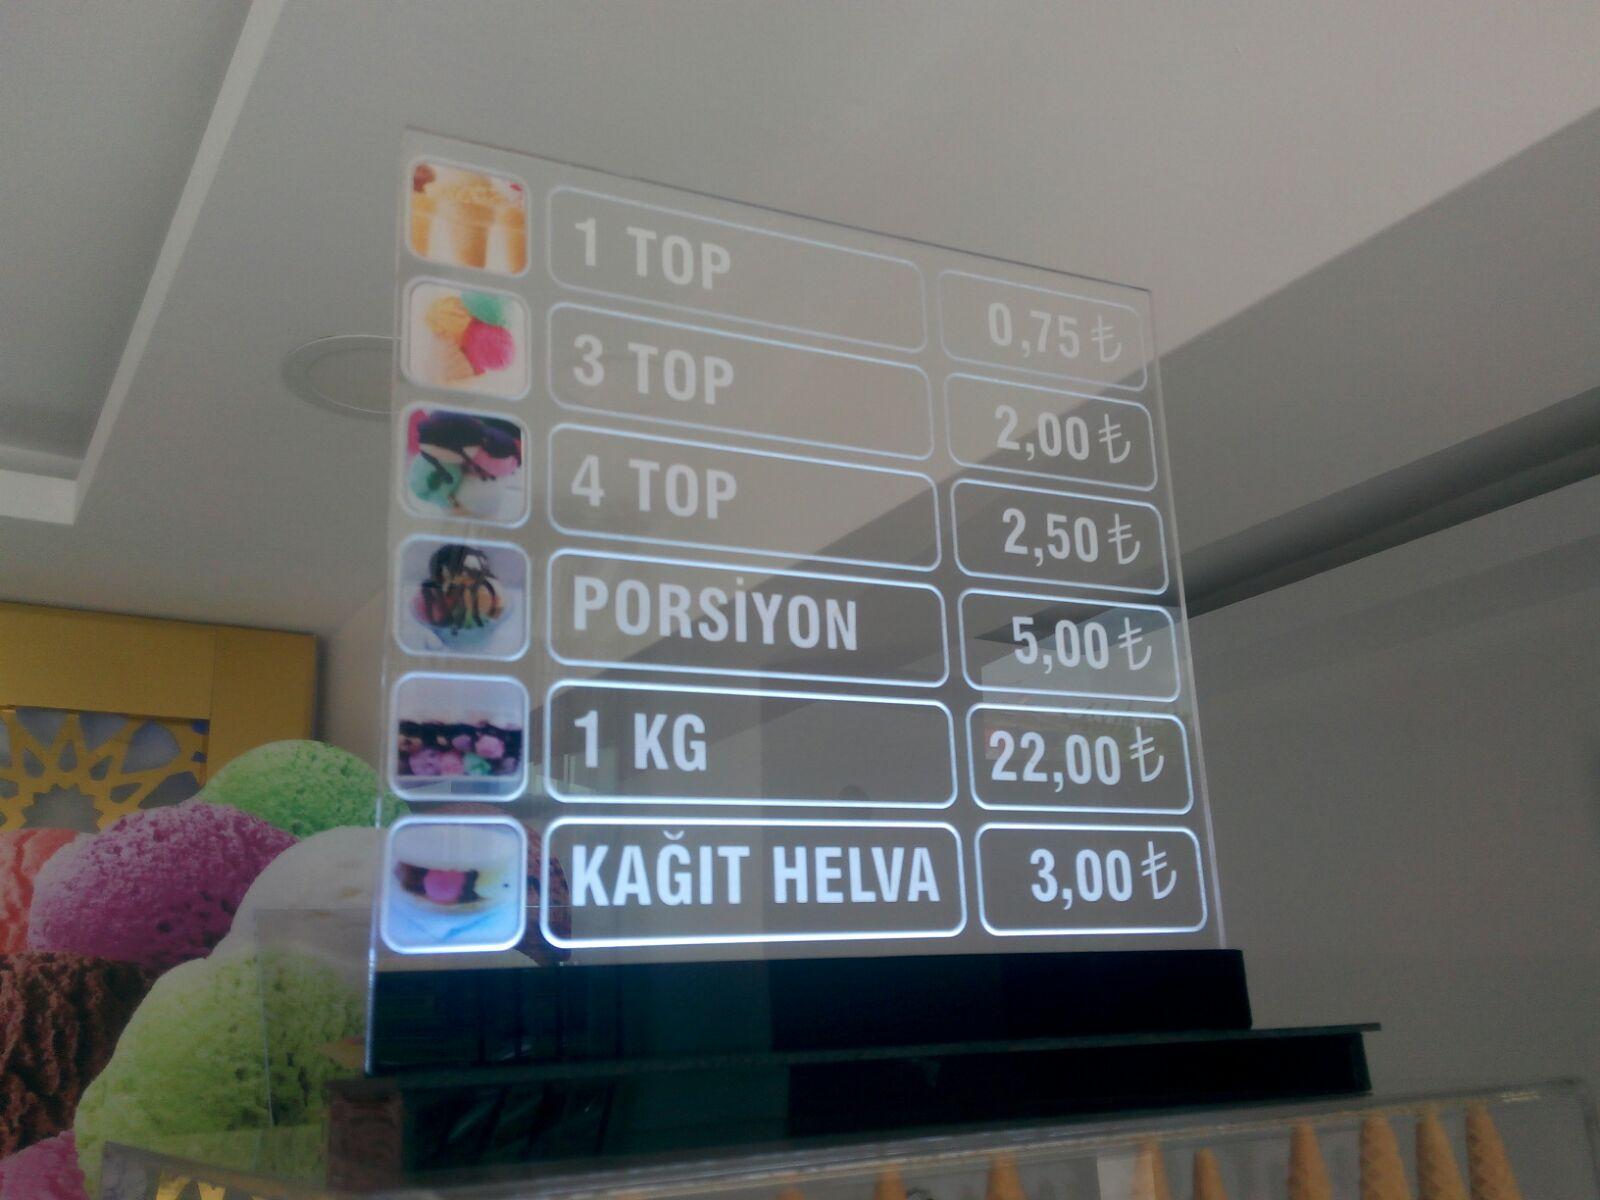 Ankara Tabela, Araç Giydirme, Cephe, Totem, Vinil, Baskı, Tabela Tabela Ankara, Alakoç Reklam Neon Tabela, Led Tabela, Işıklı Tabela, Krom Tabela, Totem Tabela, Dijital Baskı, Araç Giydirme (16)